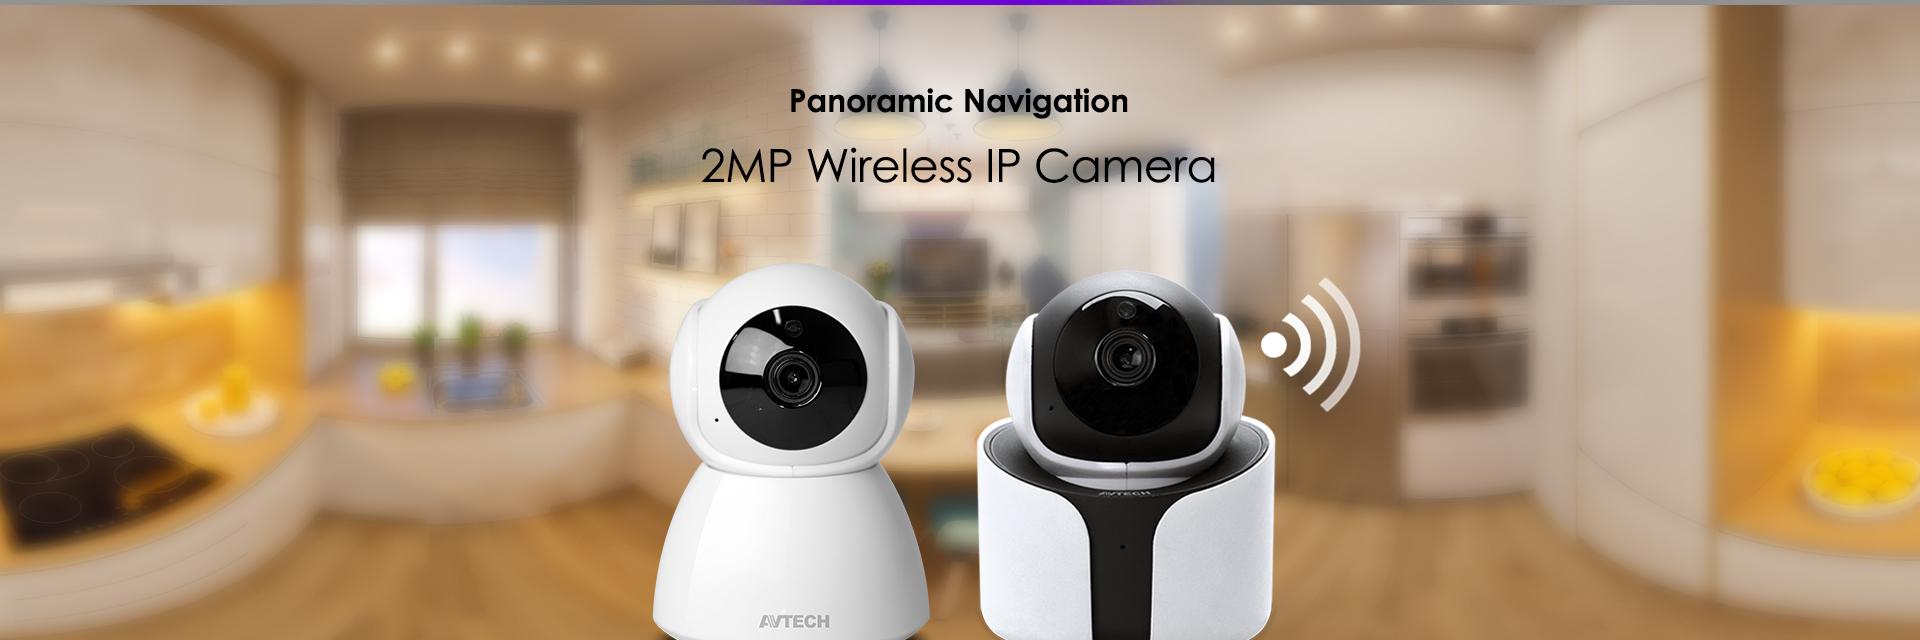 AVTECH - Innovation for Video